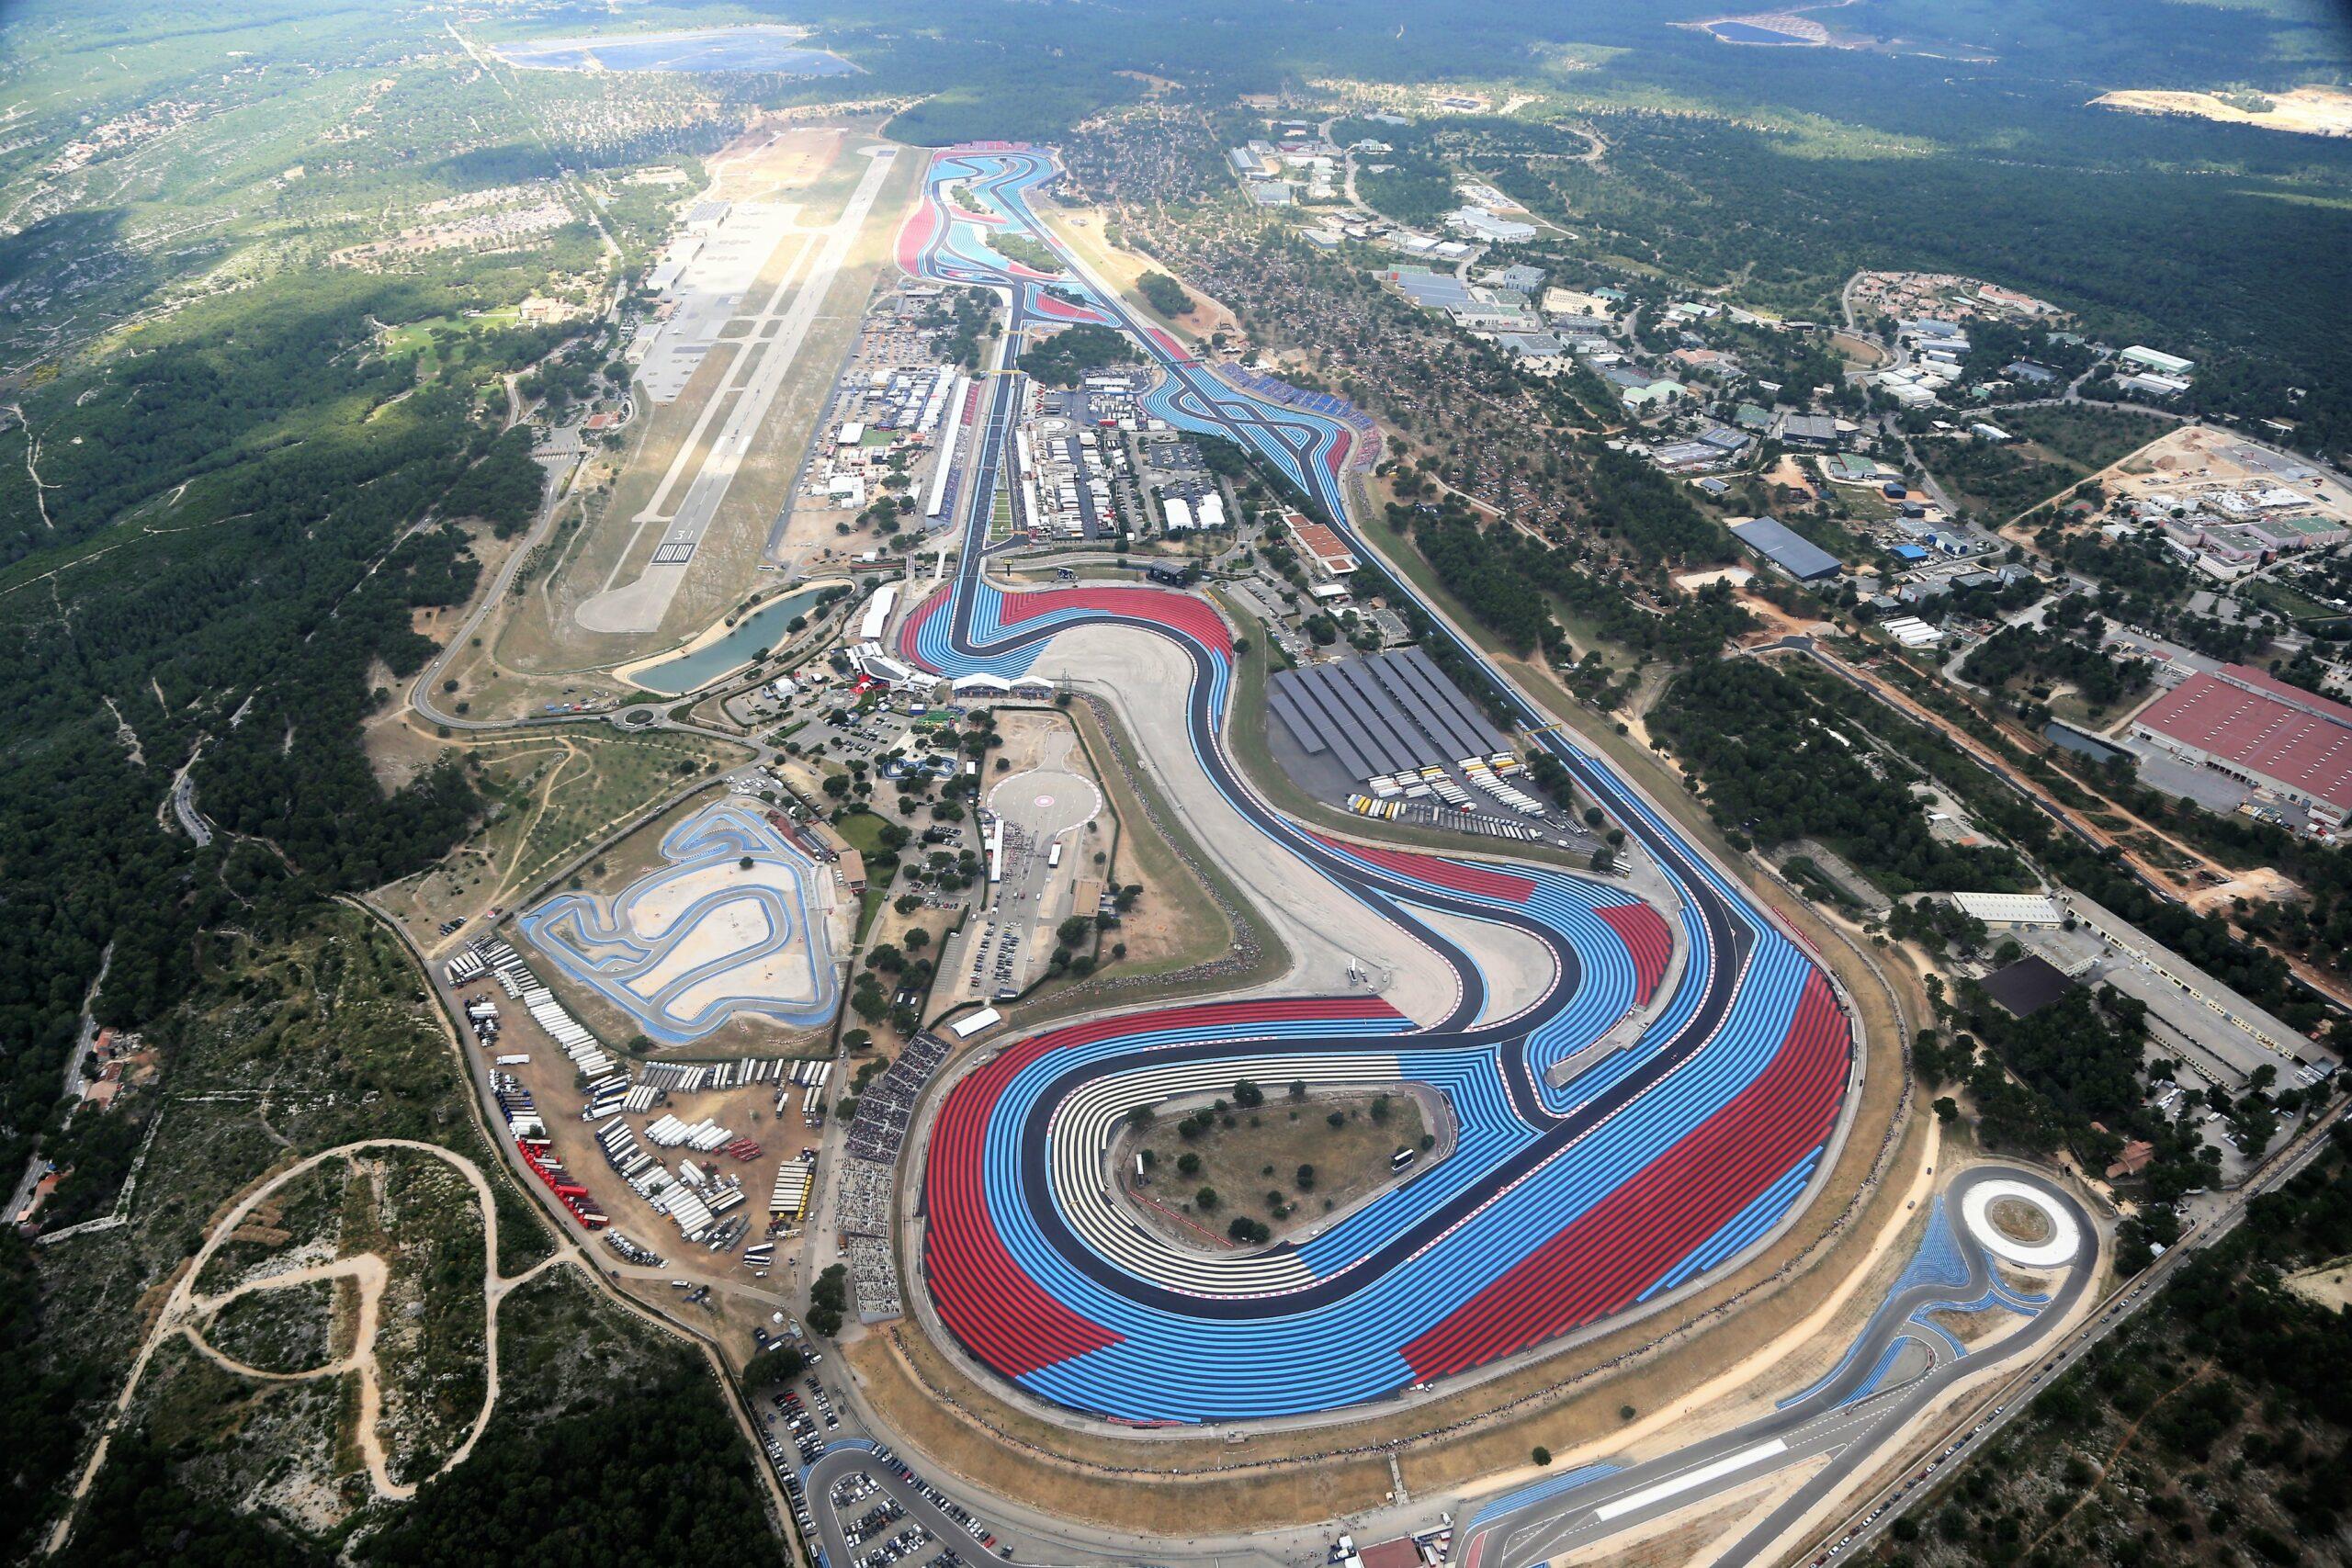 Calendrier F1 2022 Horaires France F1   Les horaires du Grand Prix de France 2021 | F1only.fr   l